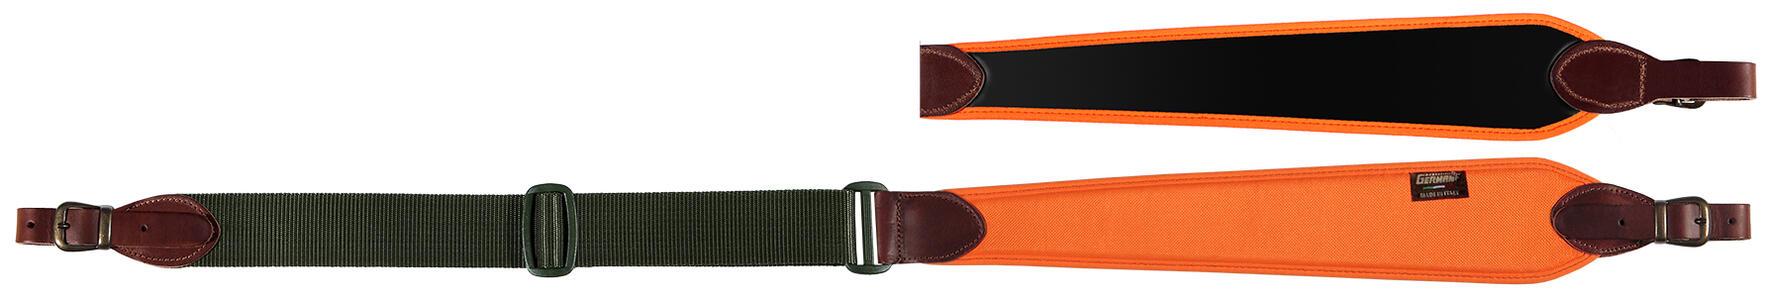 Bretella per carabina registrabile cm. 90>110 colore arancio fluo